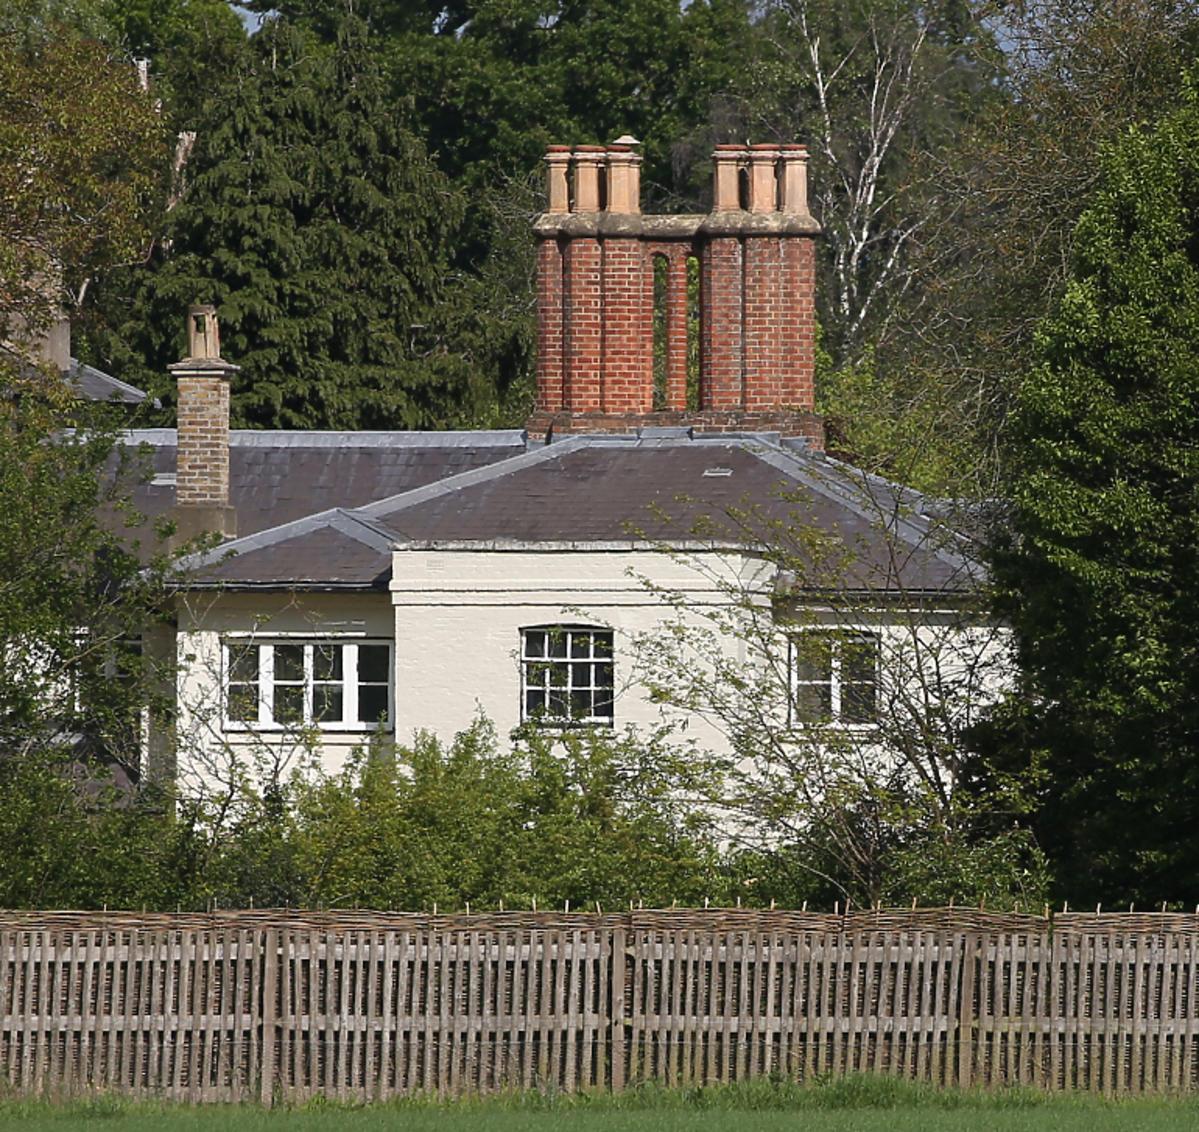 Frogmore Cottage, rezydencja - dom Meghan i Harry'ego